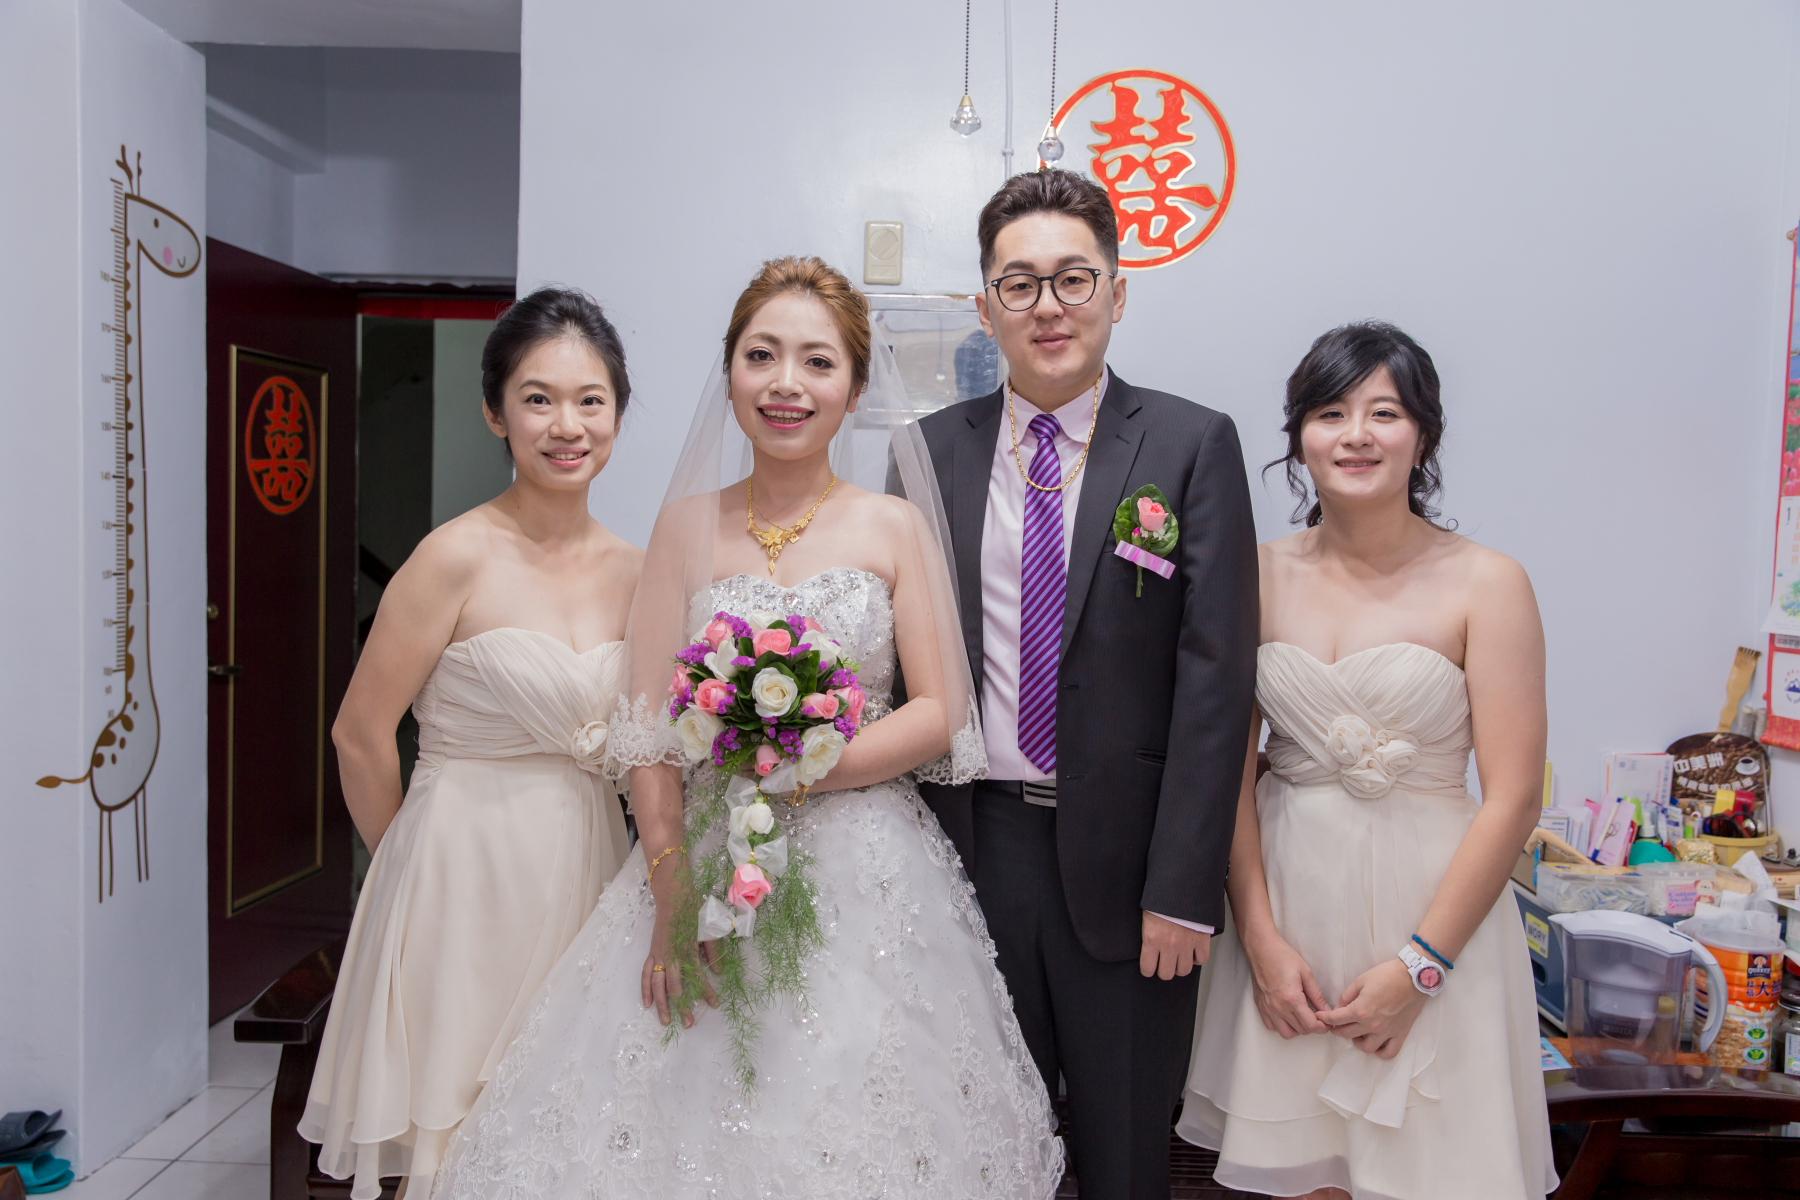 峻誌毓潔婚禮181